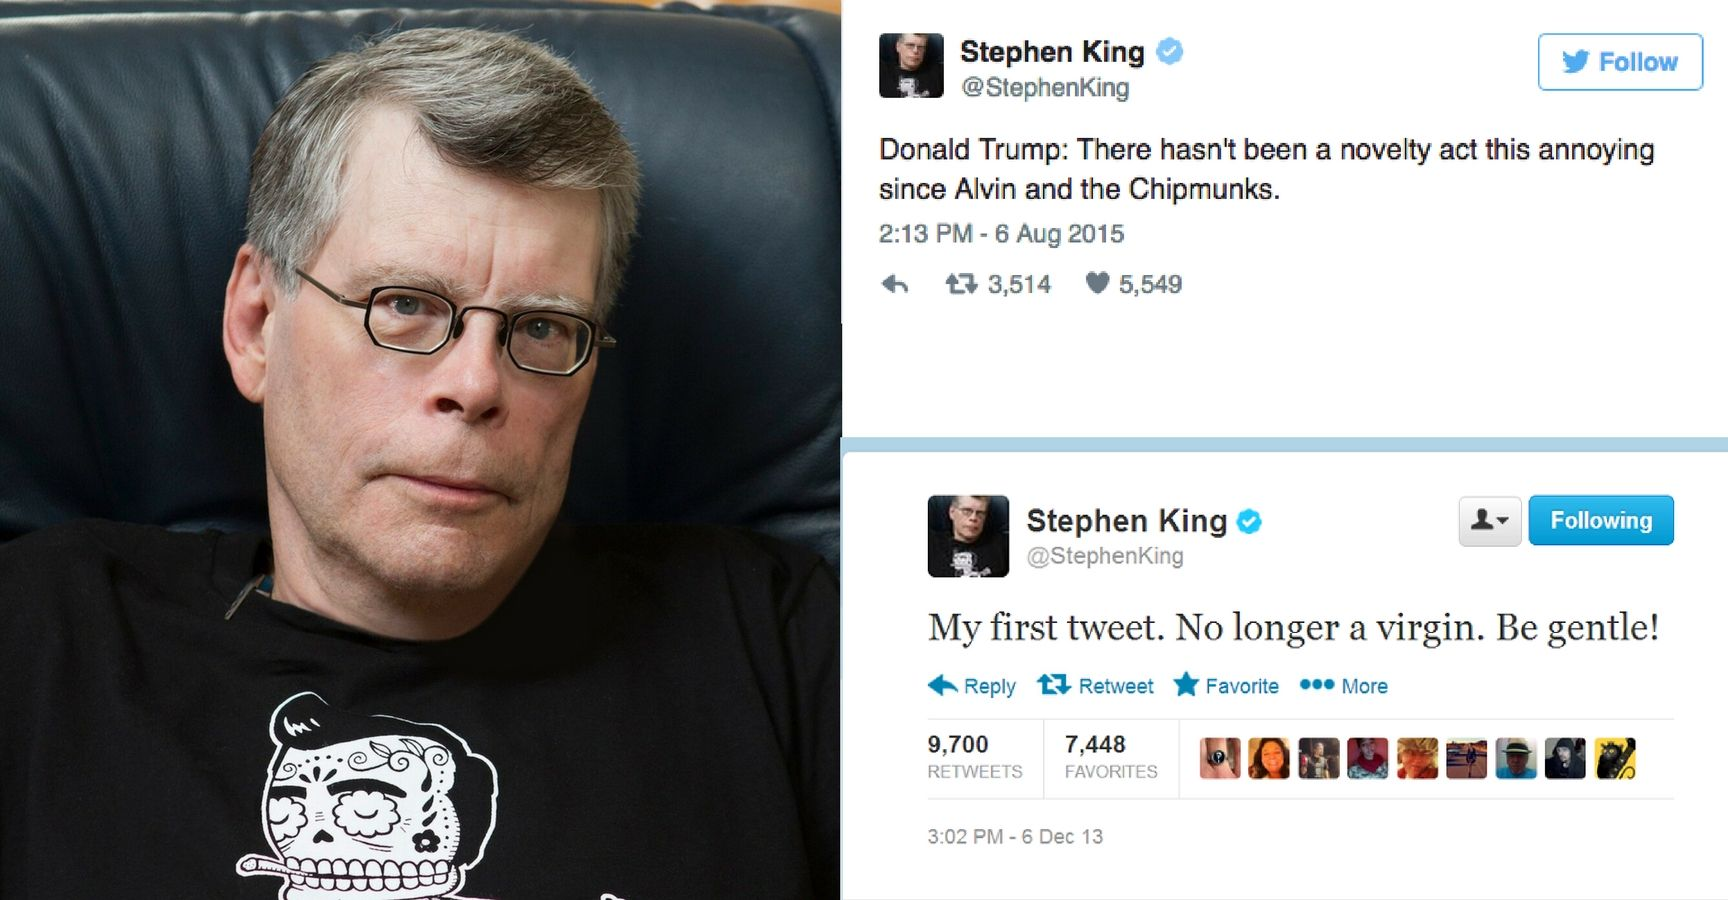 Stephen King Twitter